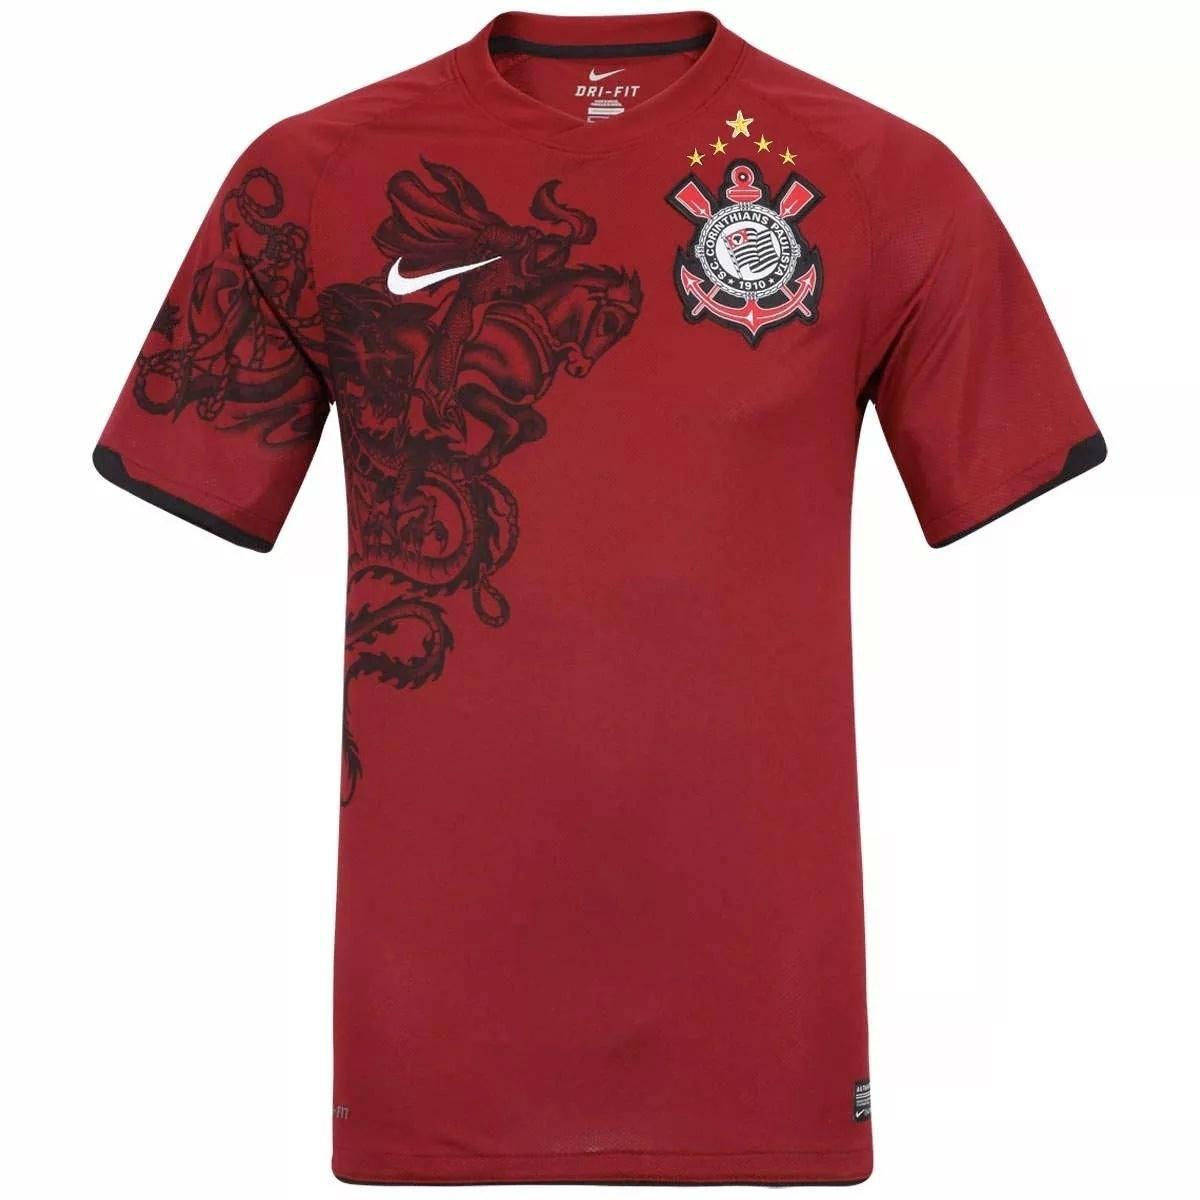 ac24f9df6c03f A camisa cinza foi feita em 2012 para homenagear o Estado de São Paulo. O  modelo vinha com detalhes que lembravam o formato da região